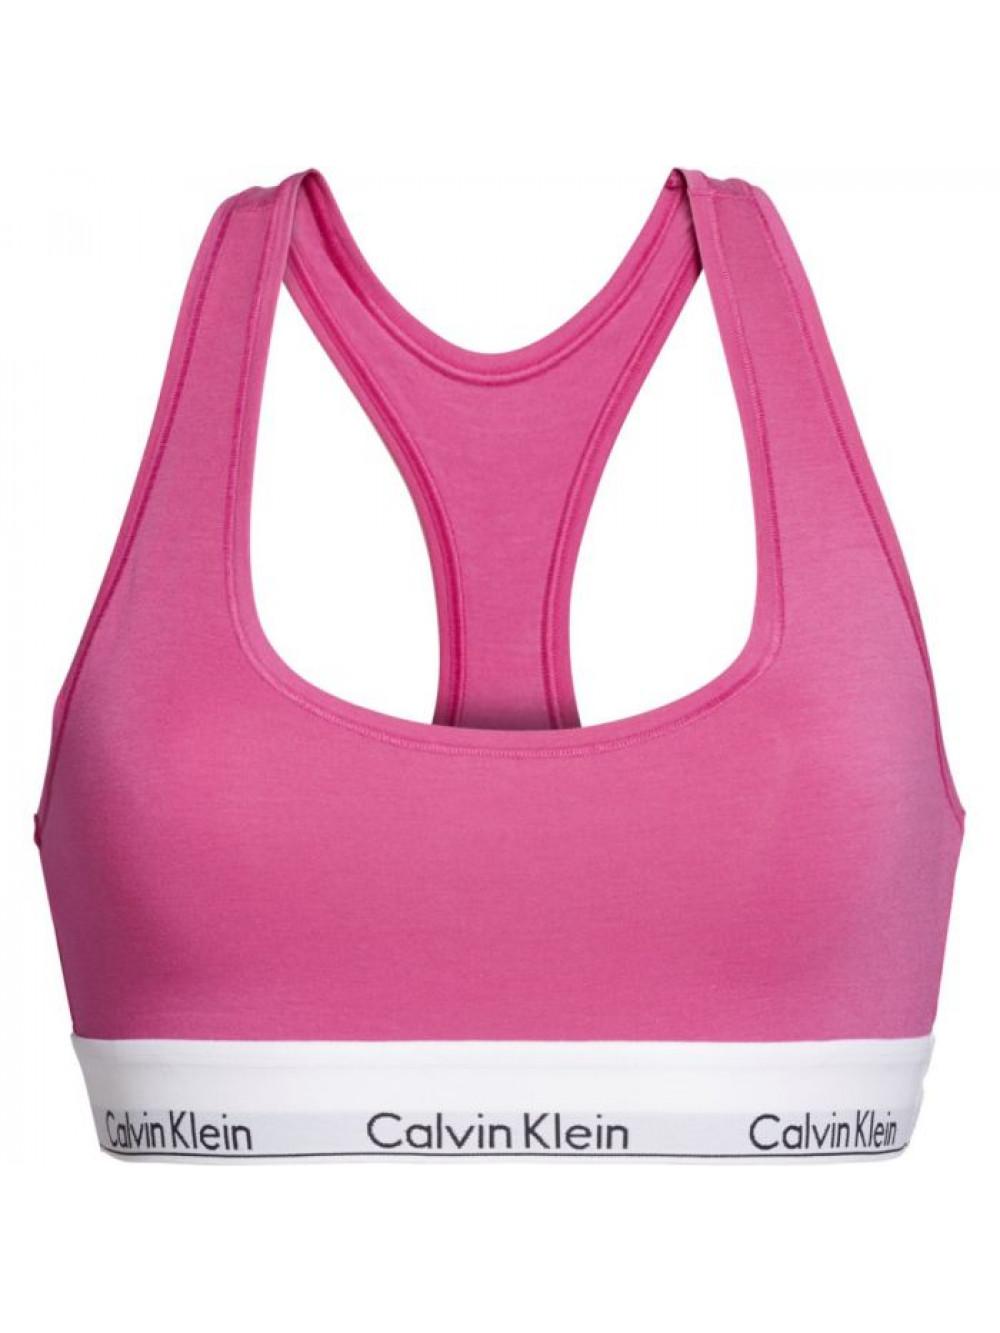 Dámská sportovní podprsenka Calvin Klein Unlined Bralette růžová